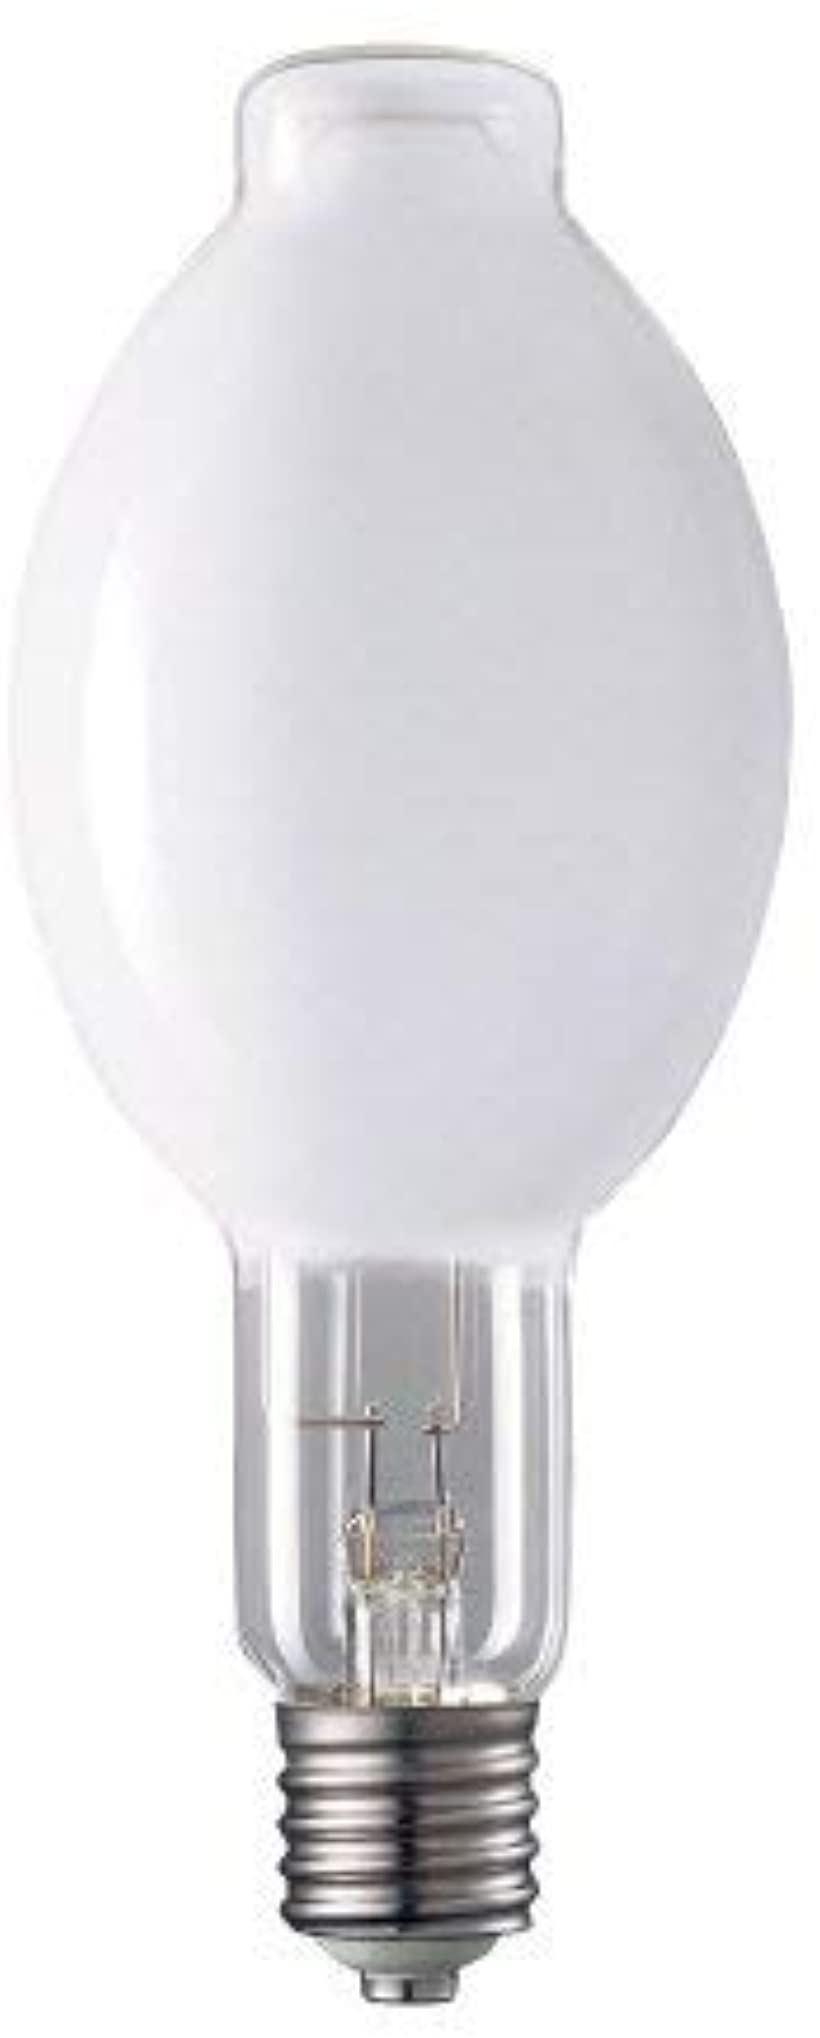 ケース販売特価 6個セット 蛍光水銀灯 旧称:パナスーパー水銀灯 一般形 400形 口金E39 HF400X/N_set